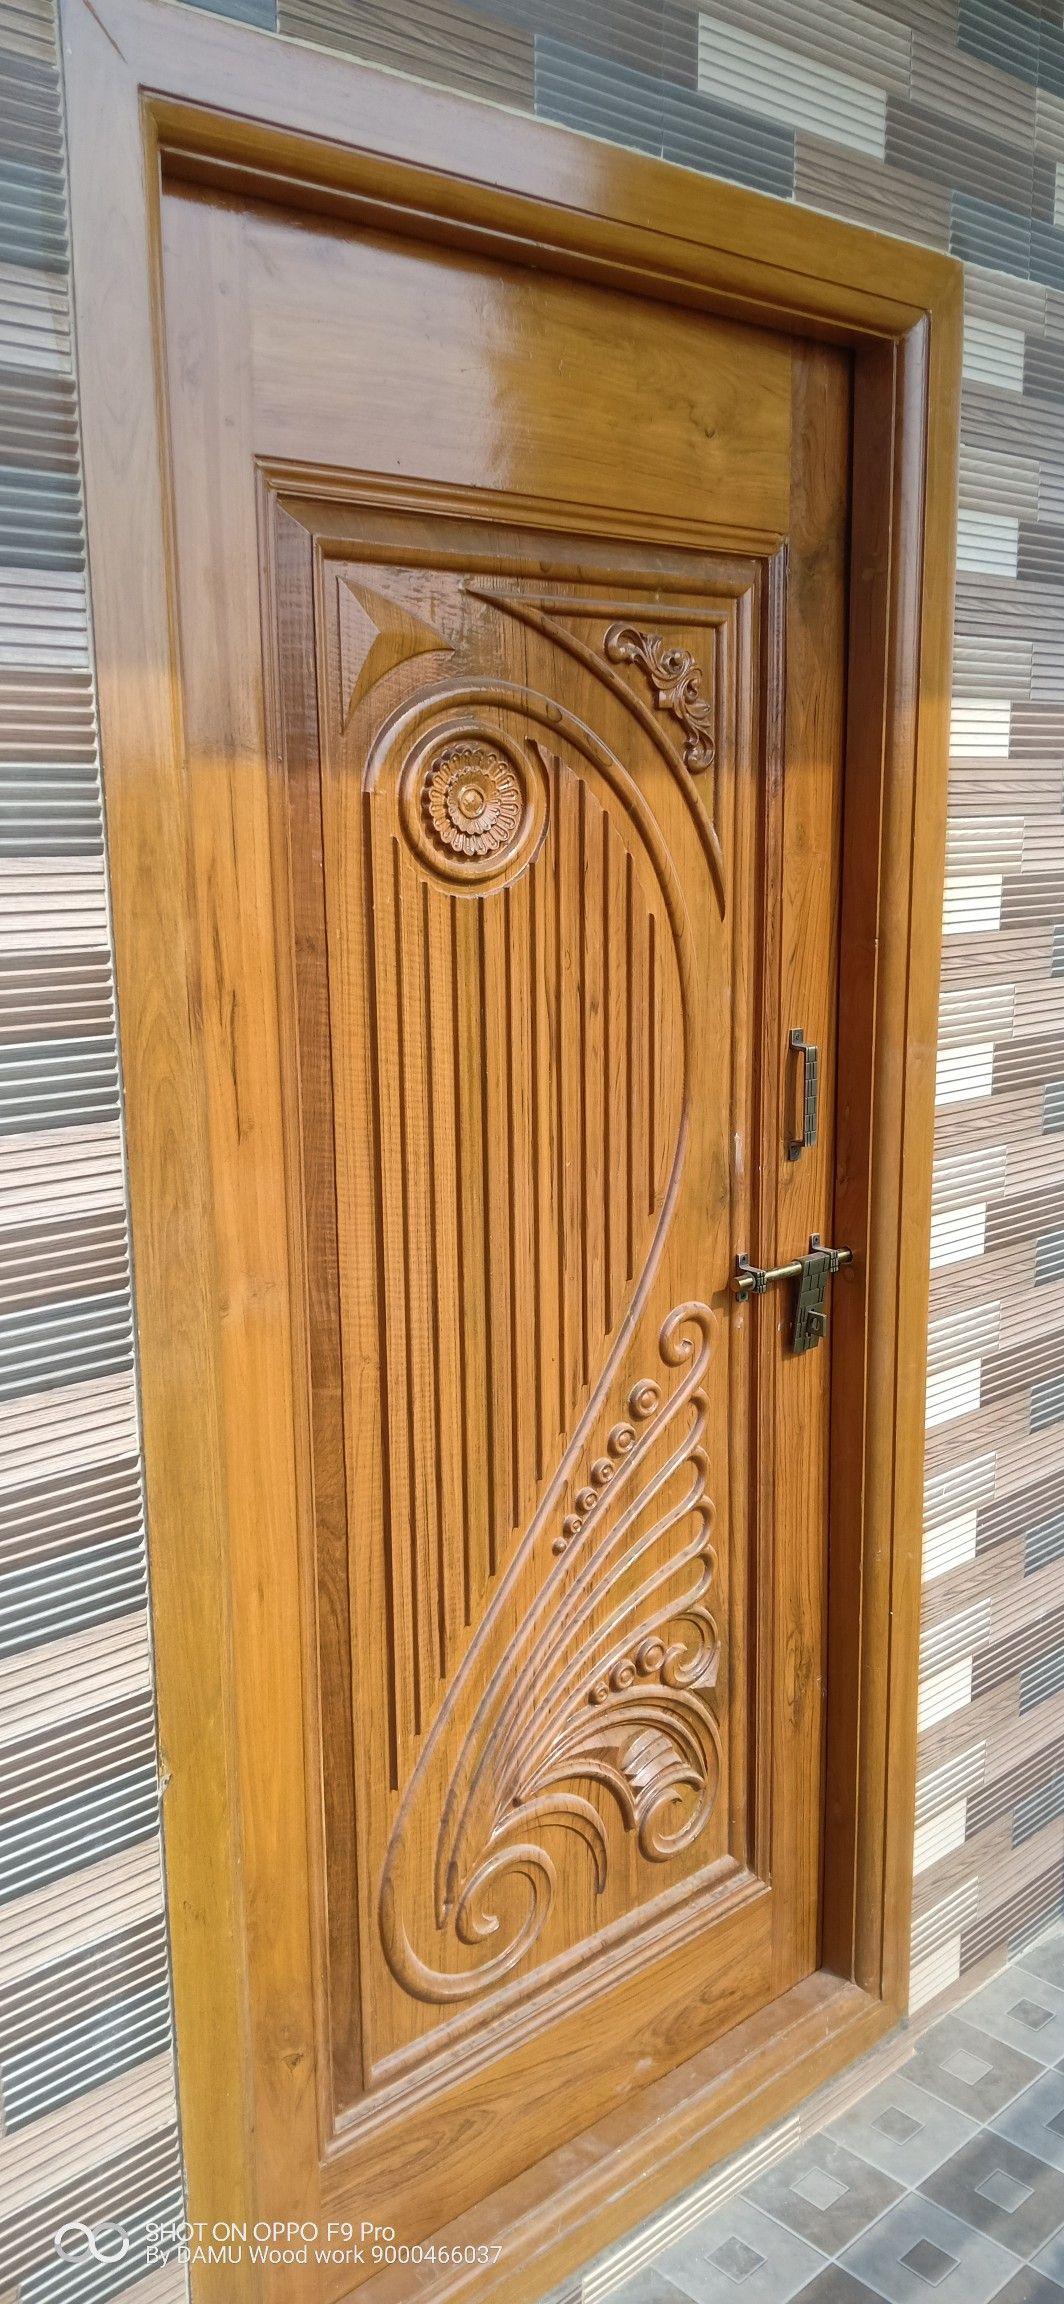 Pin By Siva Sai On Door Design Front Door Design Wood Wooden Door Design